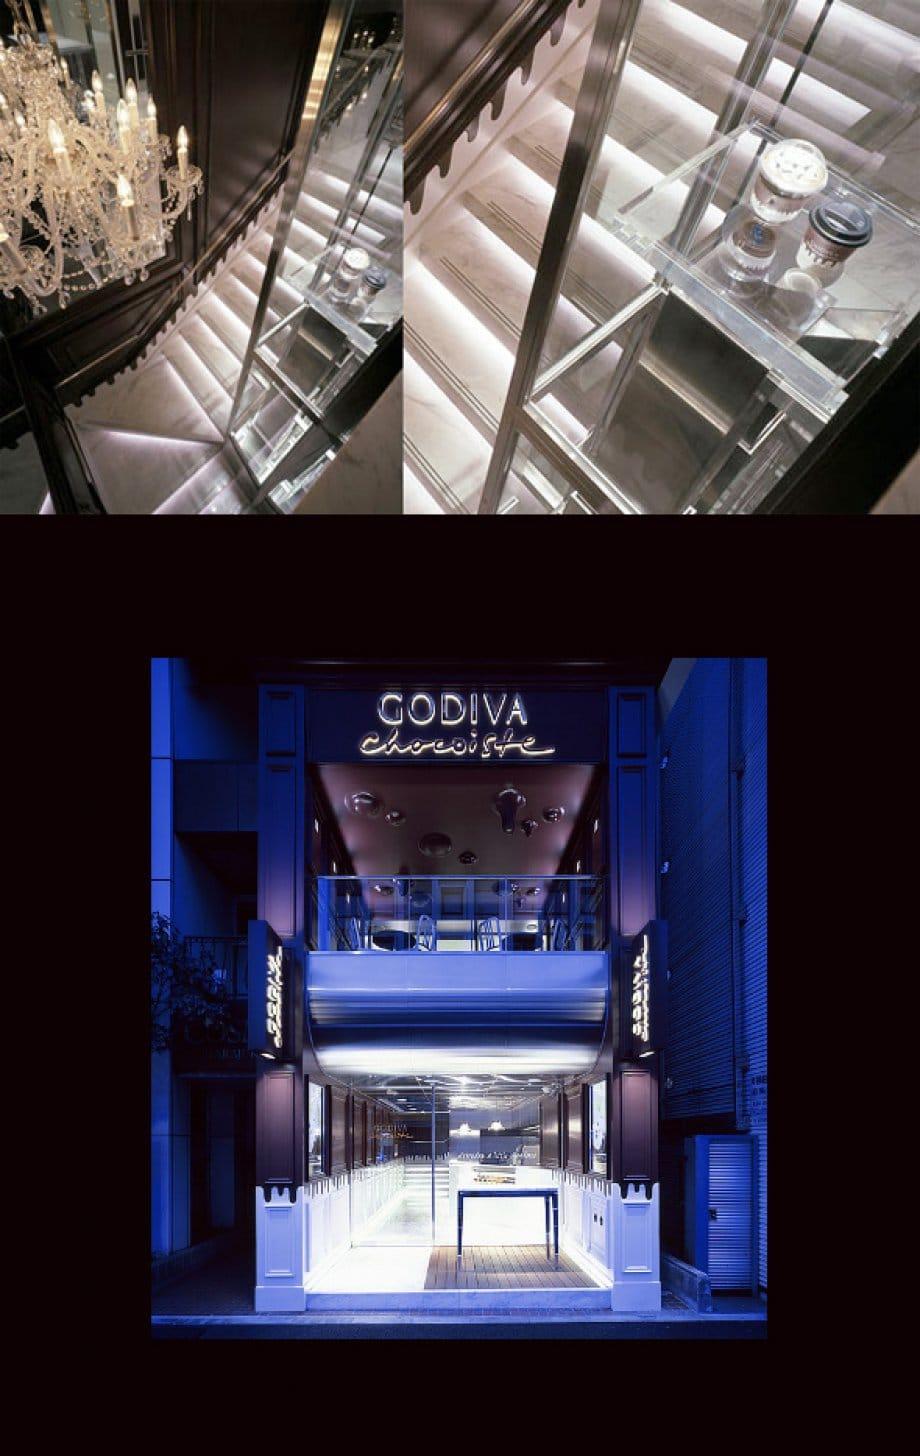 2010 godiva 03